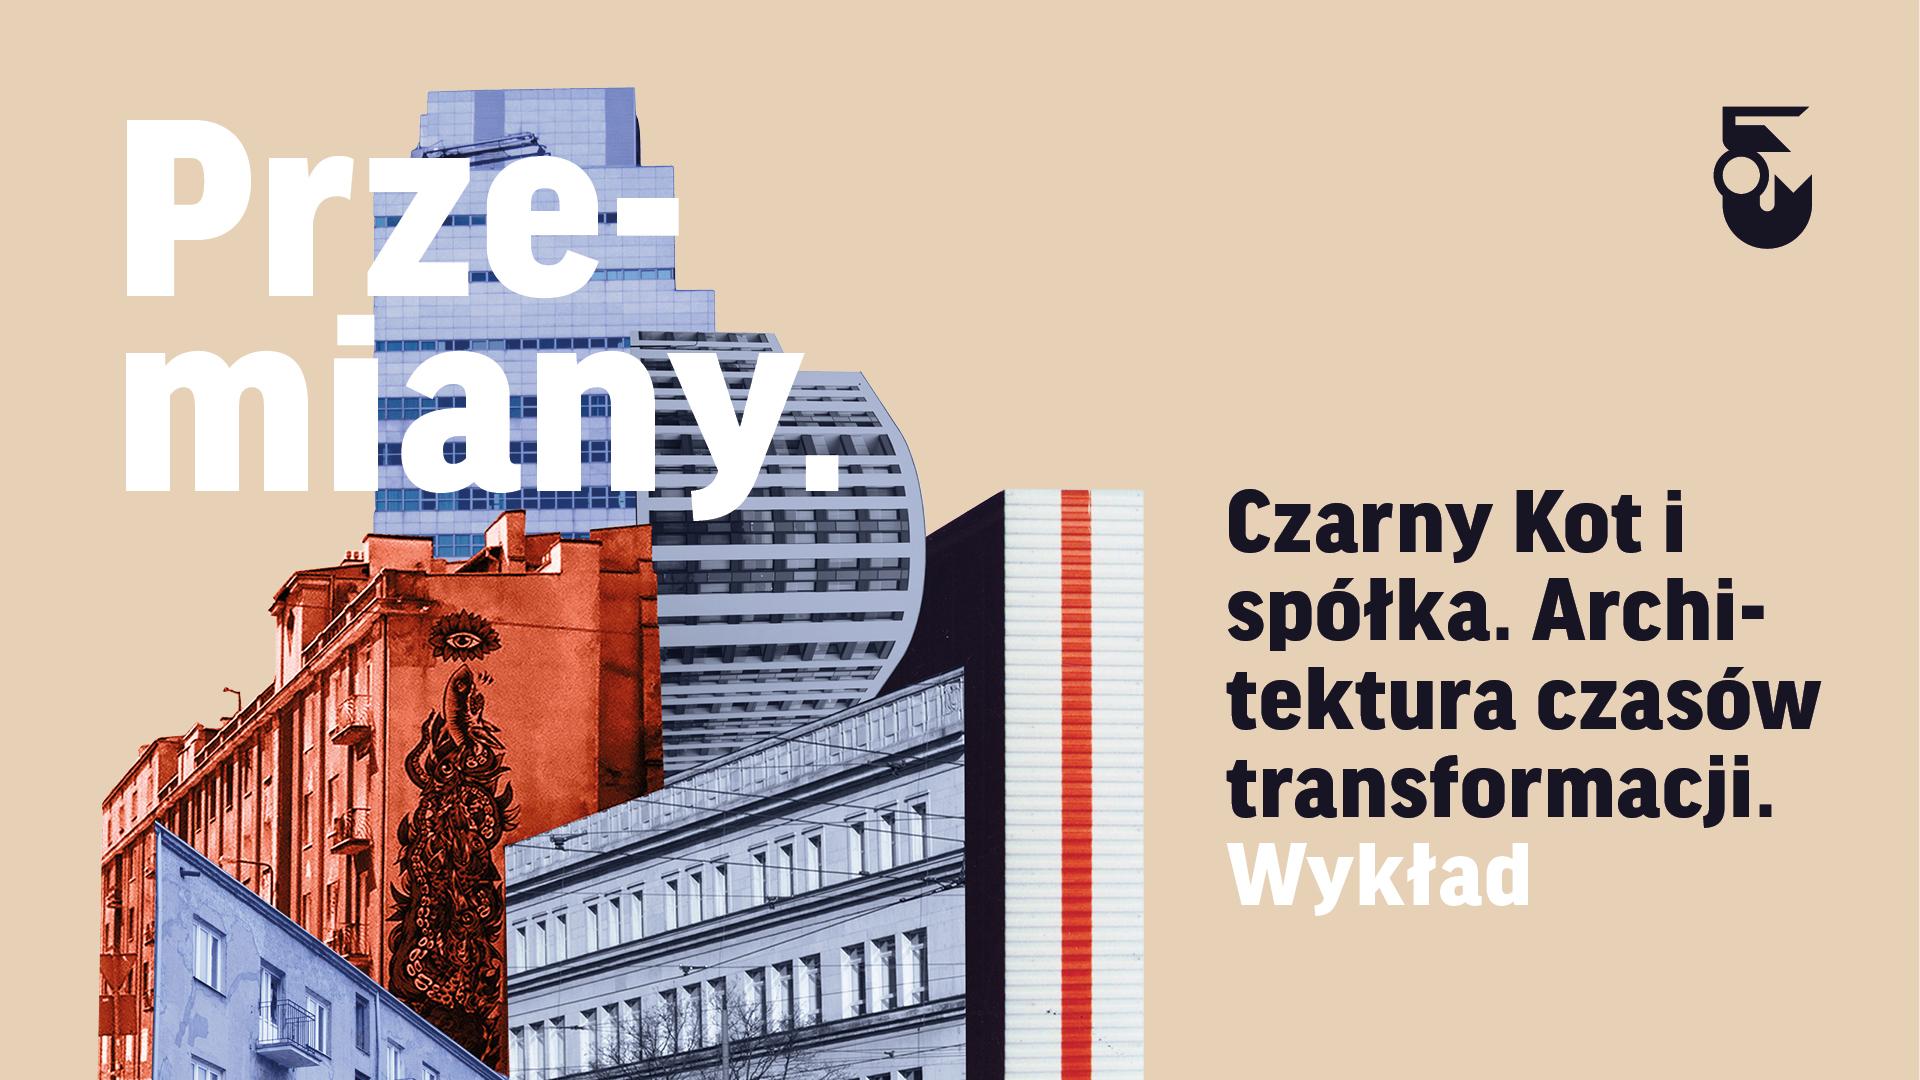 Grafika. Na jasnym tle po prawej kolaż zrobiony ze zdjęć budynków. Nad nim tekst Przemiany. Obok tekst: Czarny Kot i spółka. Architektura czasów transformacji.